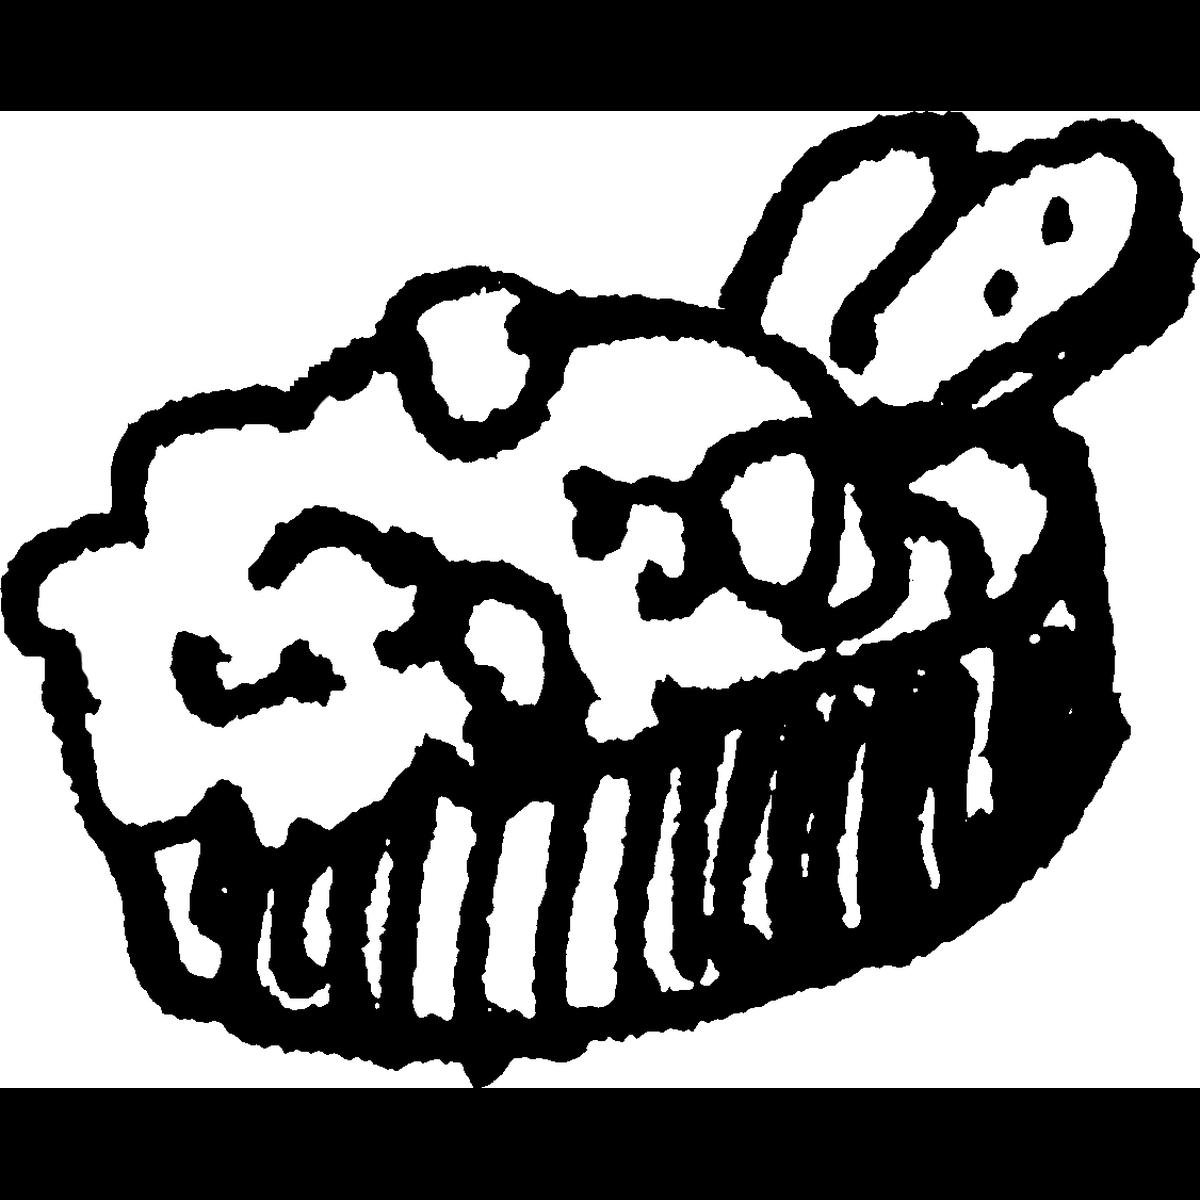 寿司 にぎり 軍艦巻き 納豆のイラスト Sushi-Gunkanmaki Nattou Illust